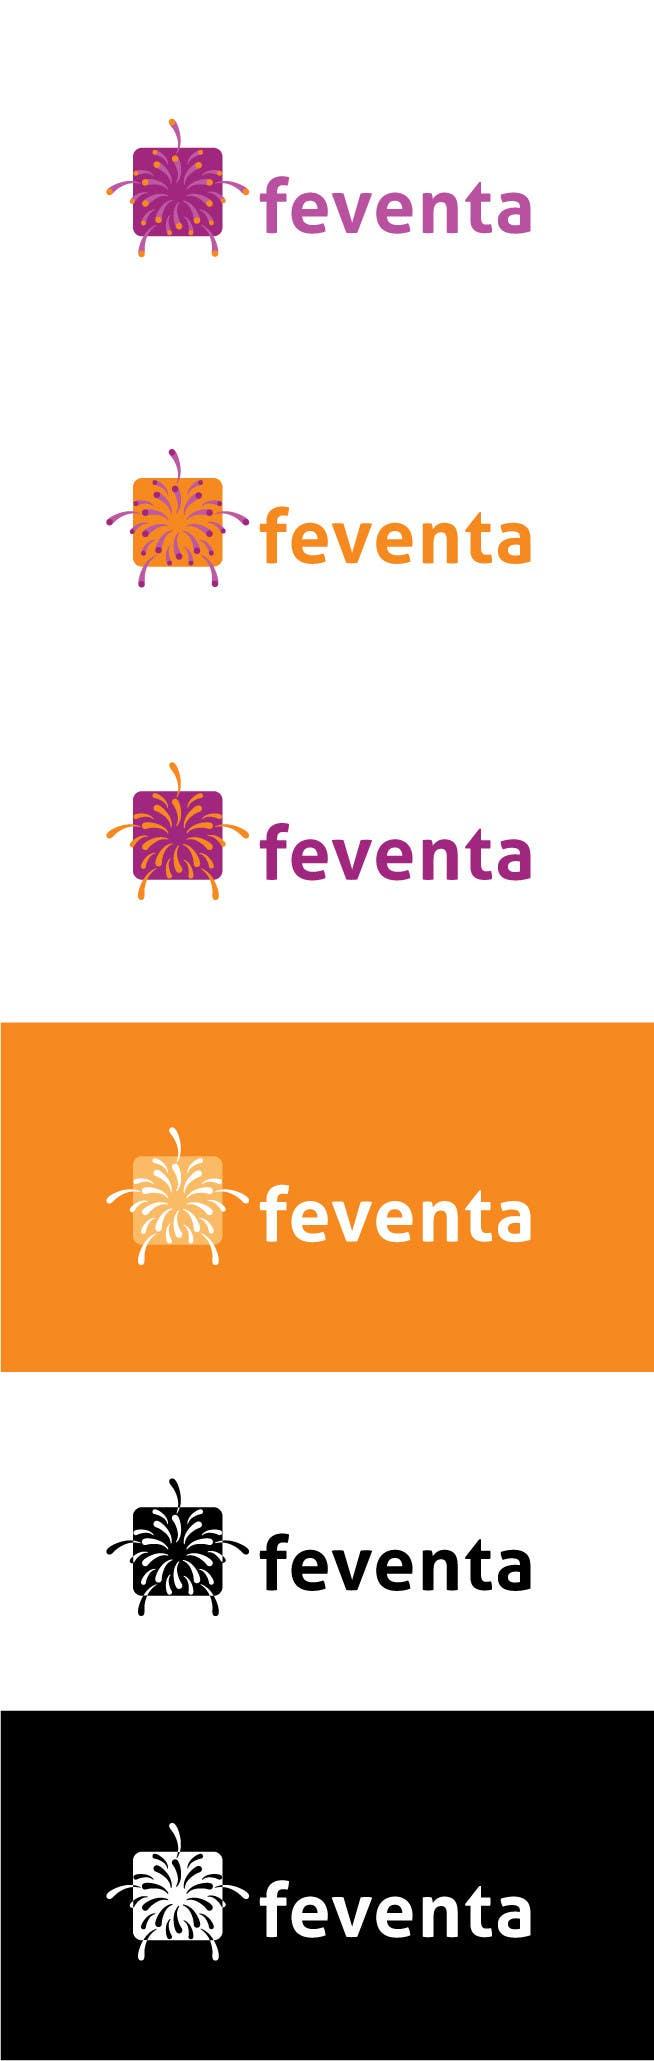 Bài tham dự cuộc thi #                                        16                                      cho                                         Refine and design a logo concept into a professional logo